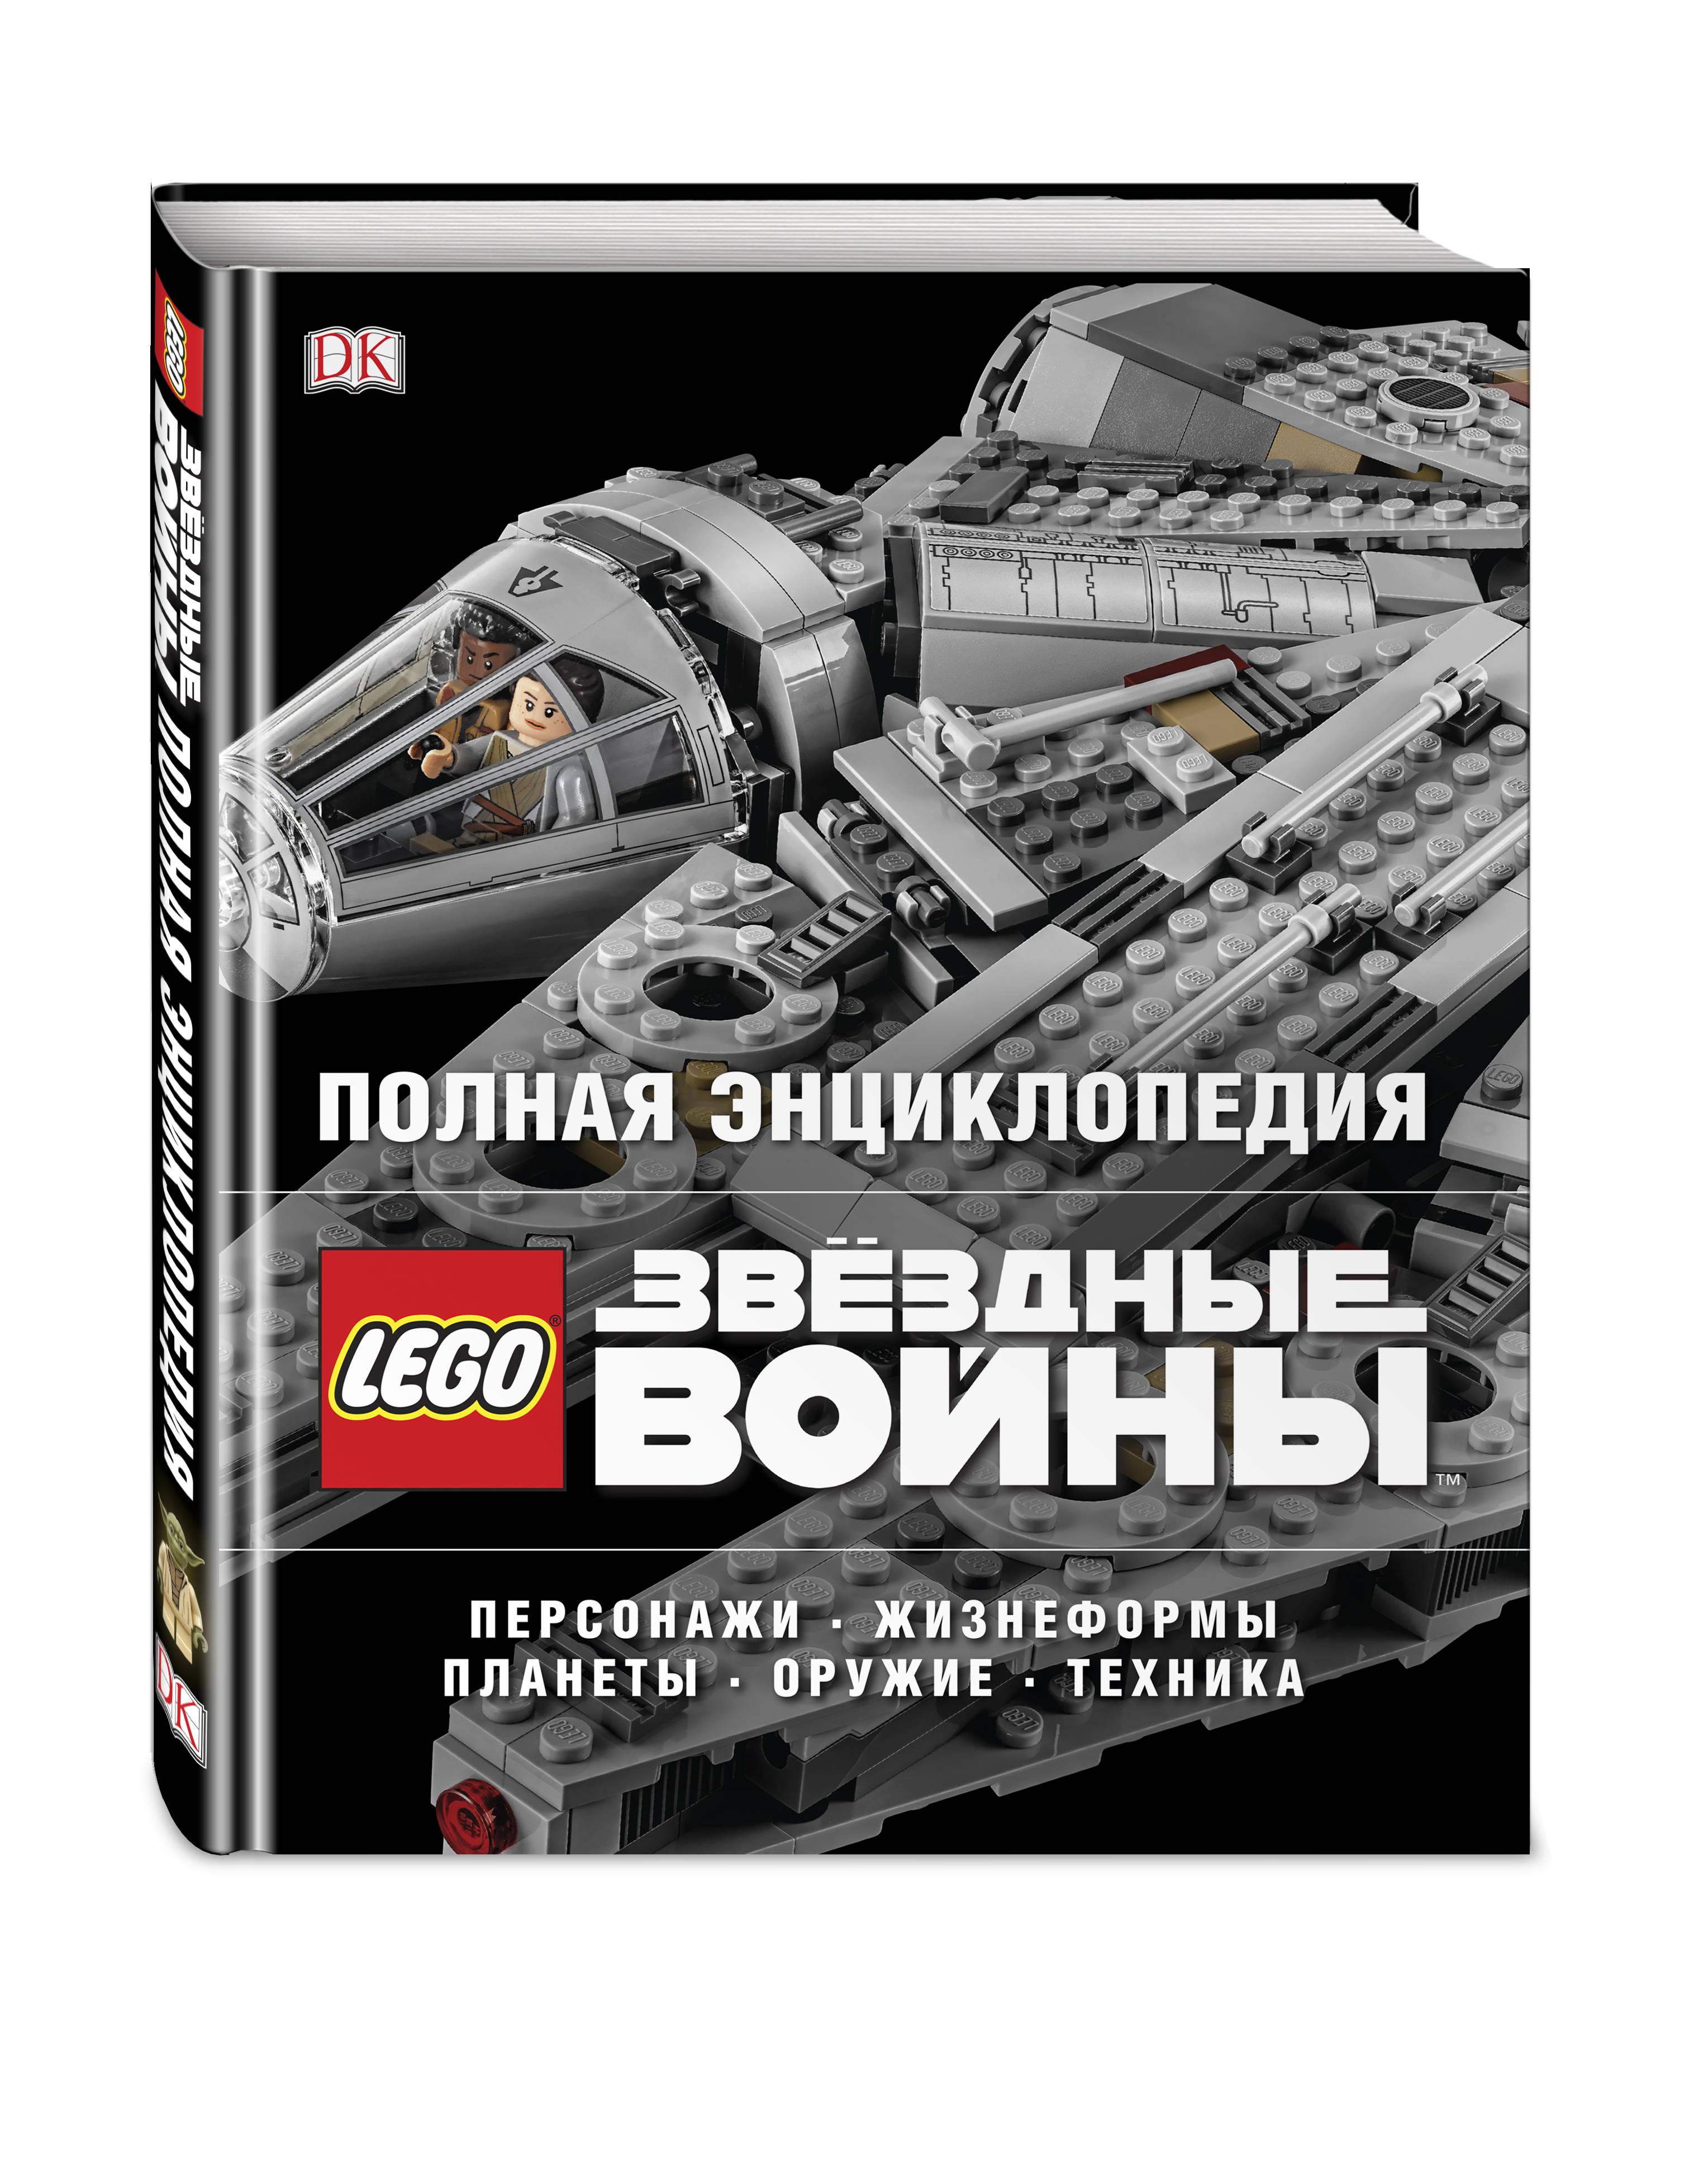 Полная энциклопедия LEGO STAR WARS ISBN: 978-5-699-95709-5 все обо всех том 8